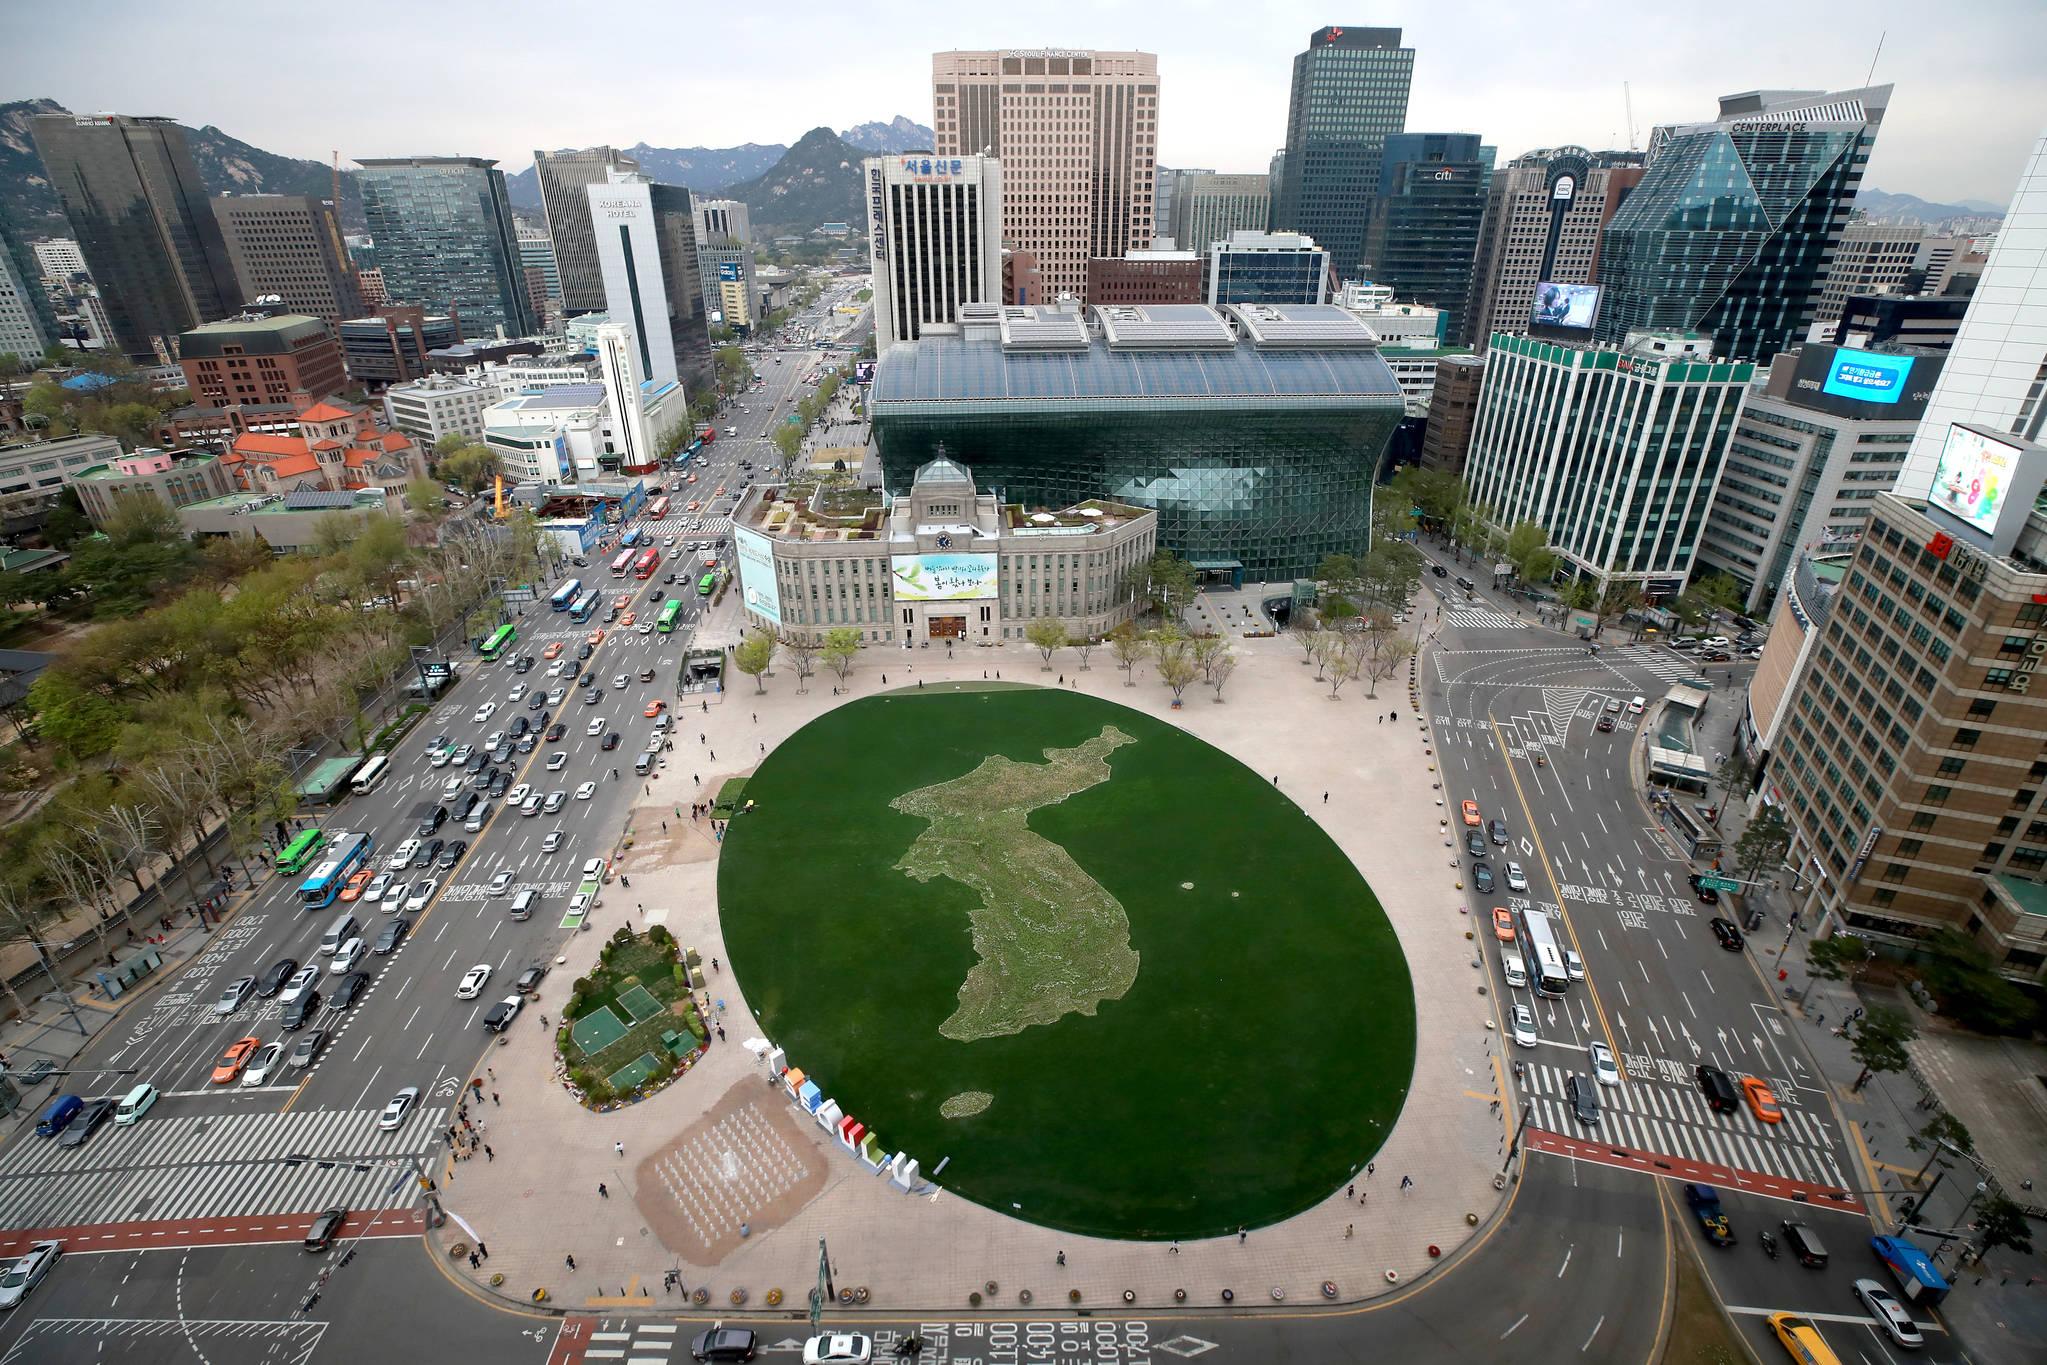 13일 오후 서울 중구 서울시청 앞 광장에 한반도 모양의 꽃밭이 완성돼 모습을 드러내고 있다. [연합뉴스]